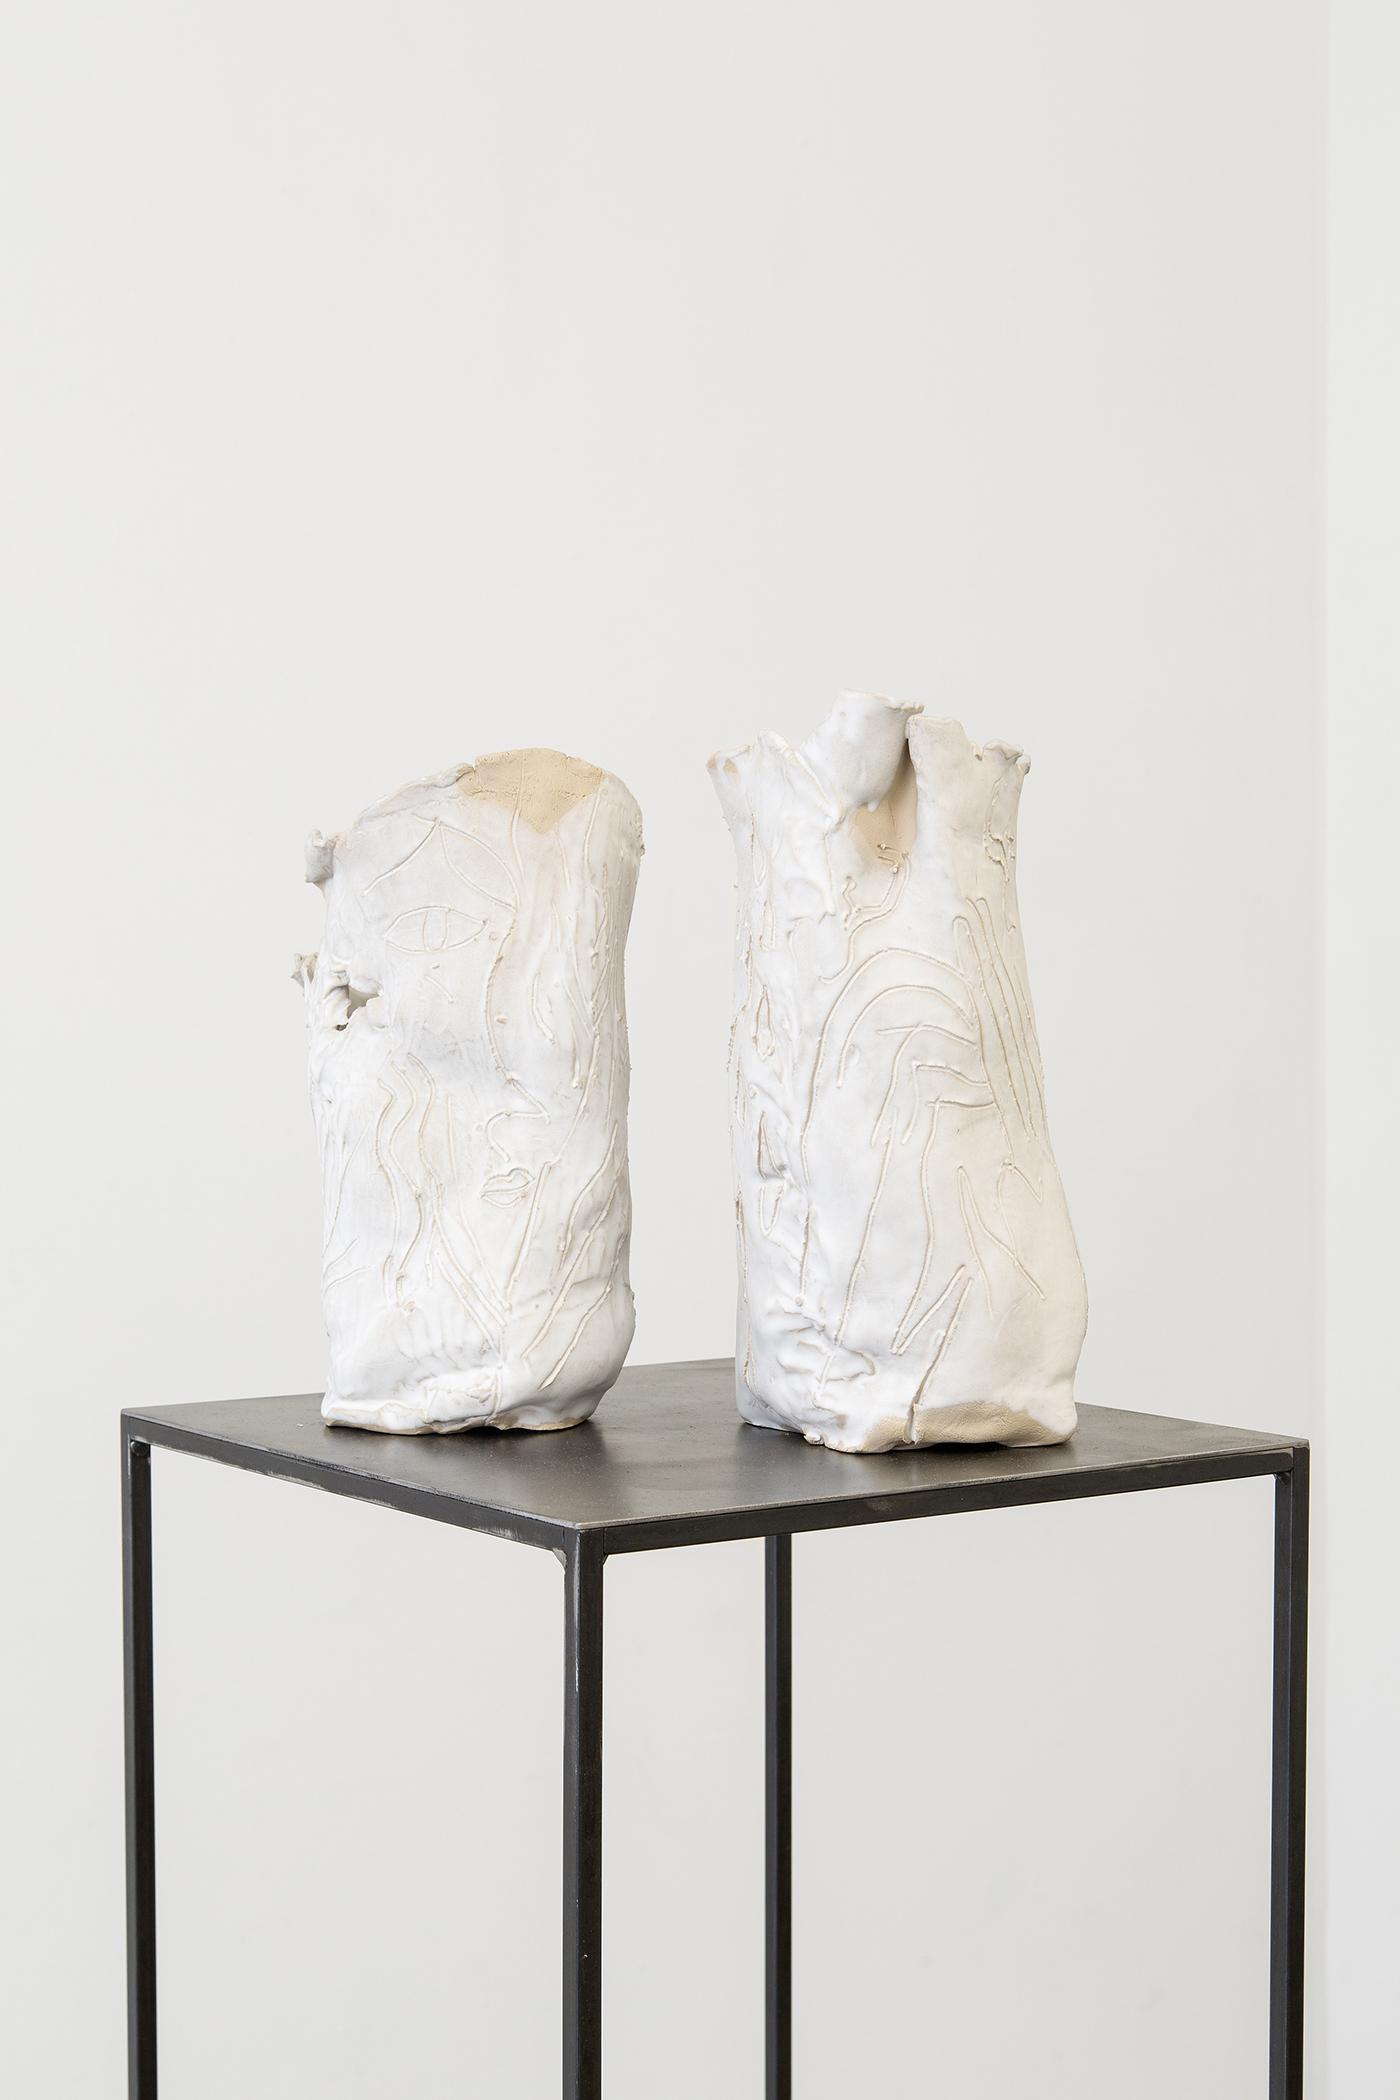 Alina Vergnano,  Untitled (Vase)   I, II , 2019, stoneware, glazed, 38 x 22 cm